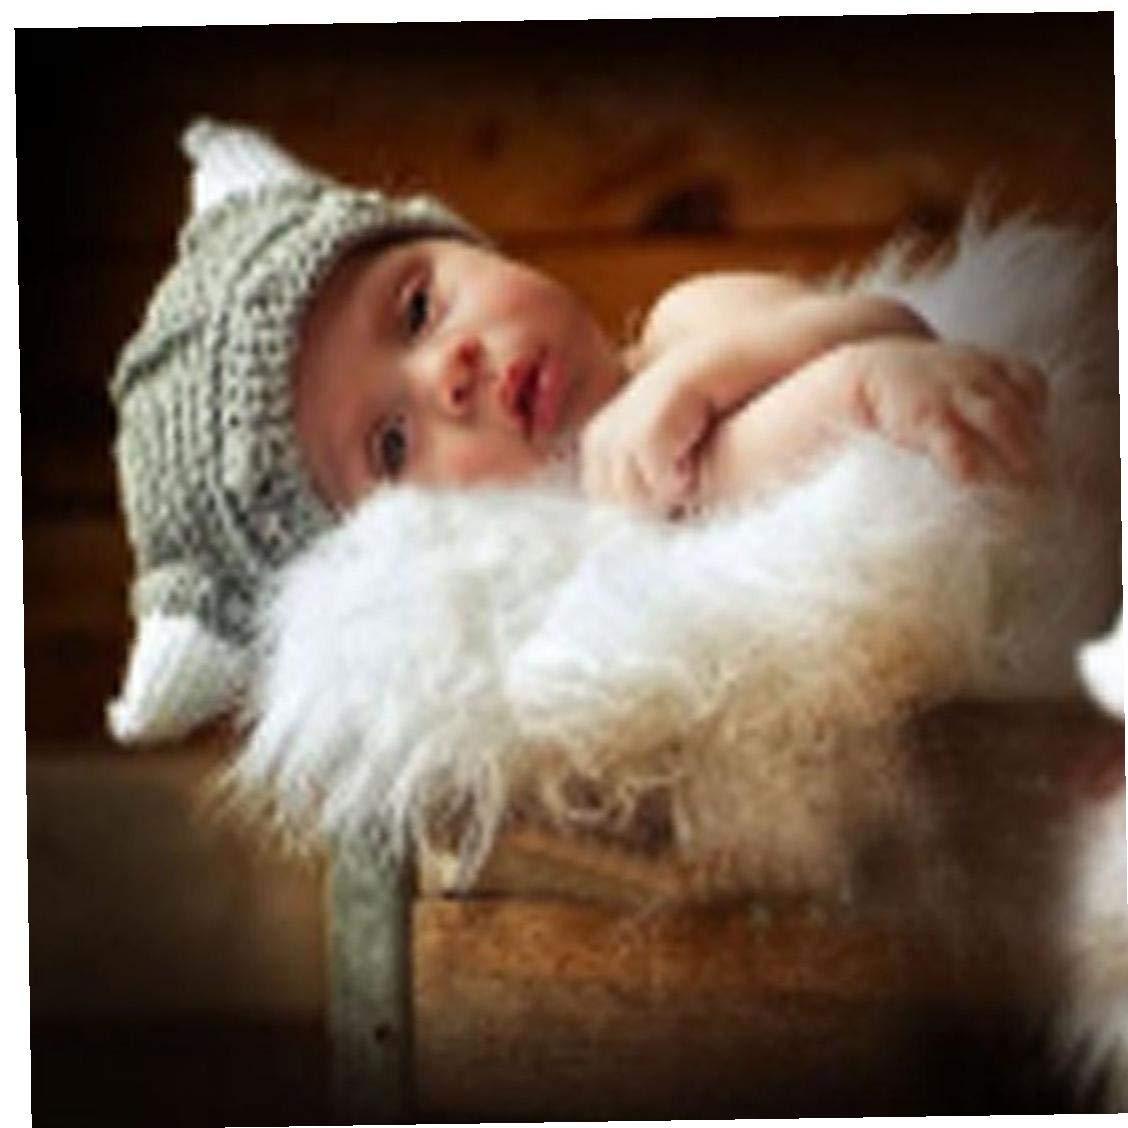 Forma Beb/és Tejer Sombrero Animal Encantador del Ganchillo De La Gorrita Tejida para Ni/ños De Un A/ño De Edad O Menos